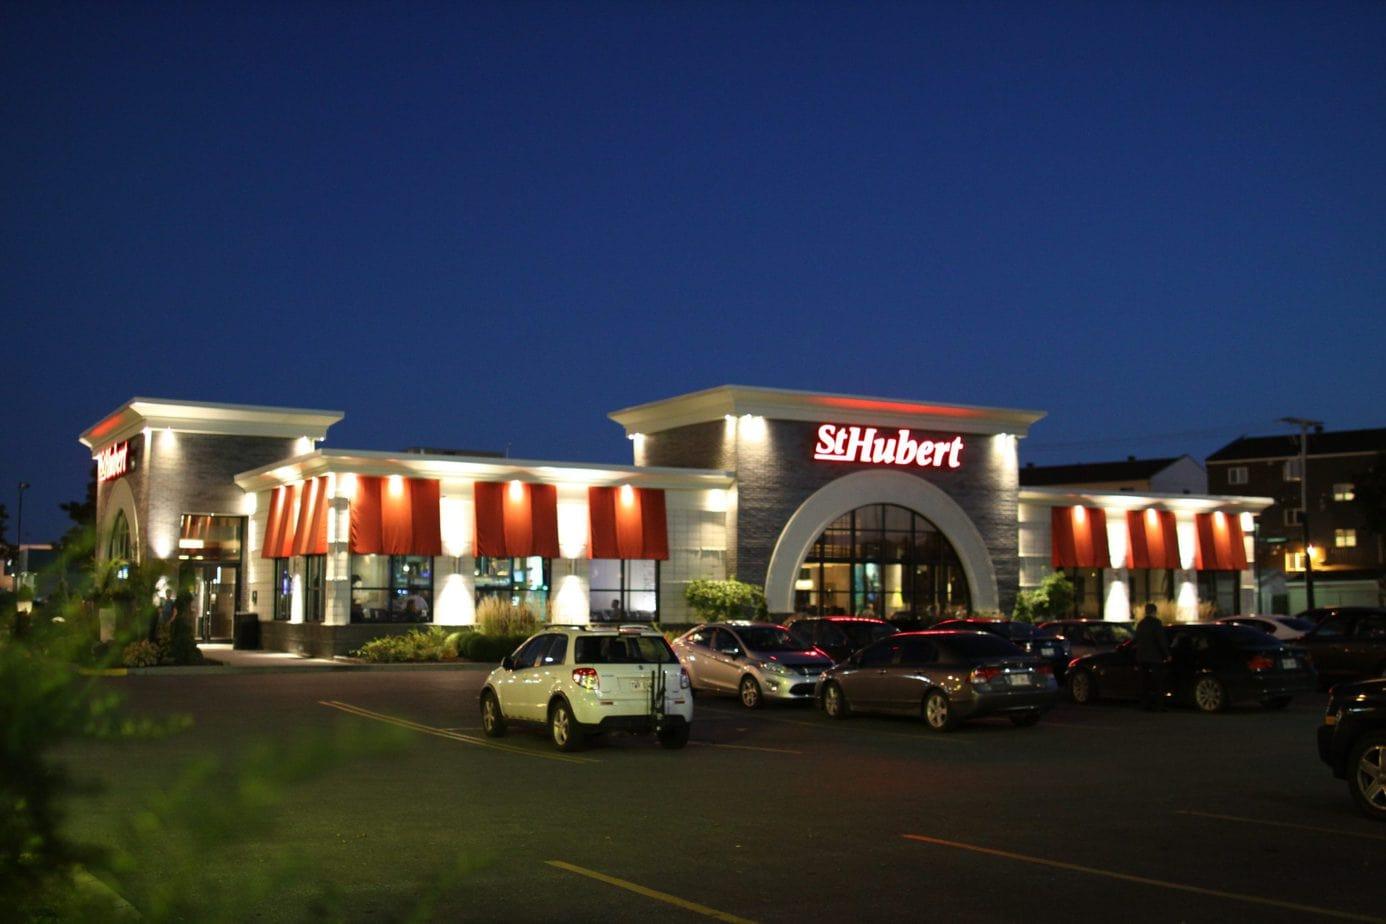 St-Hubert, Trois-Rivières